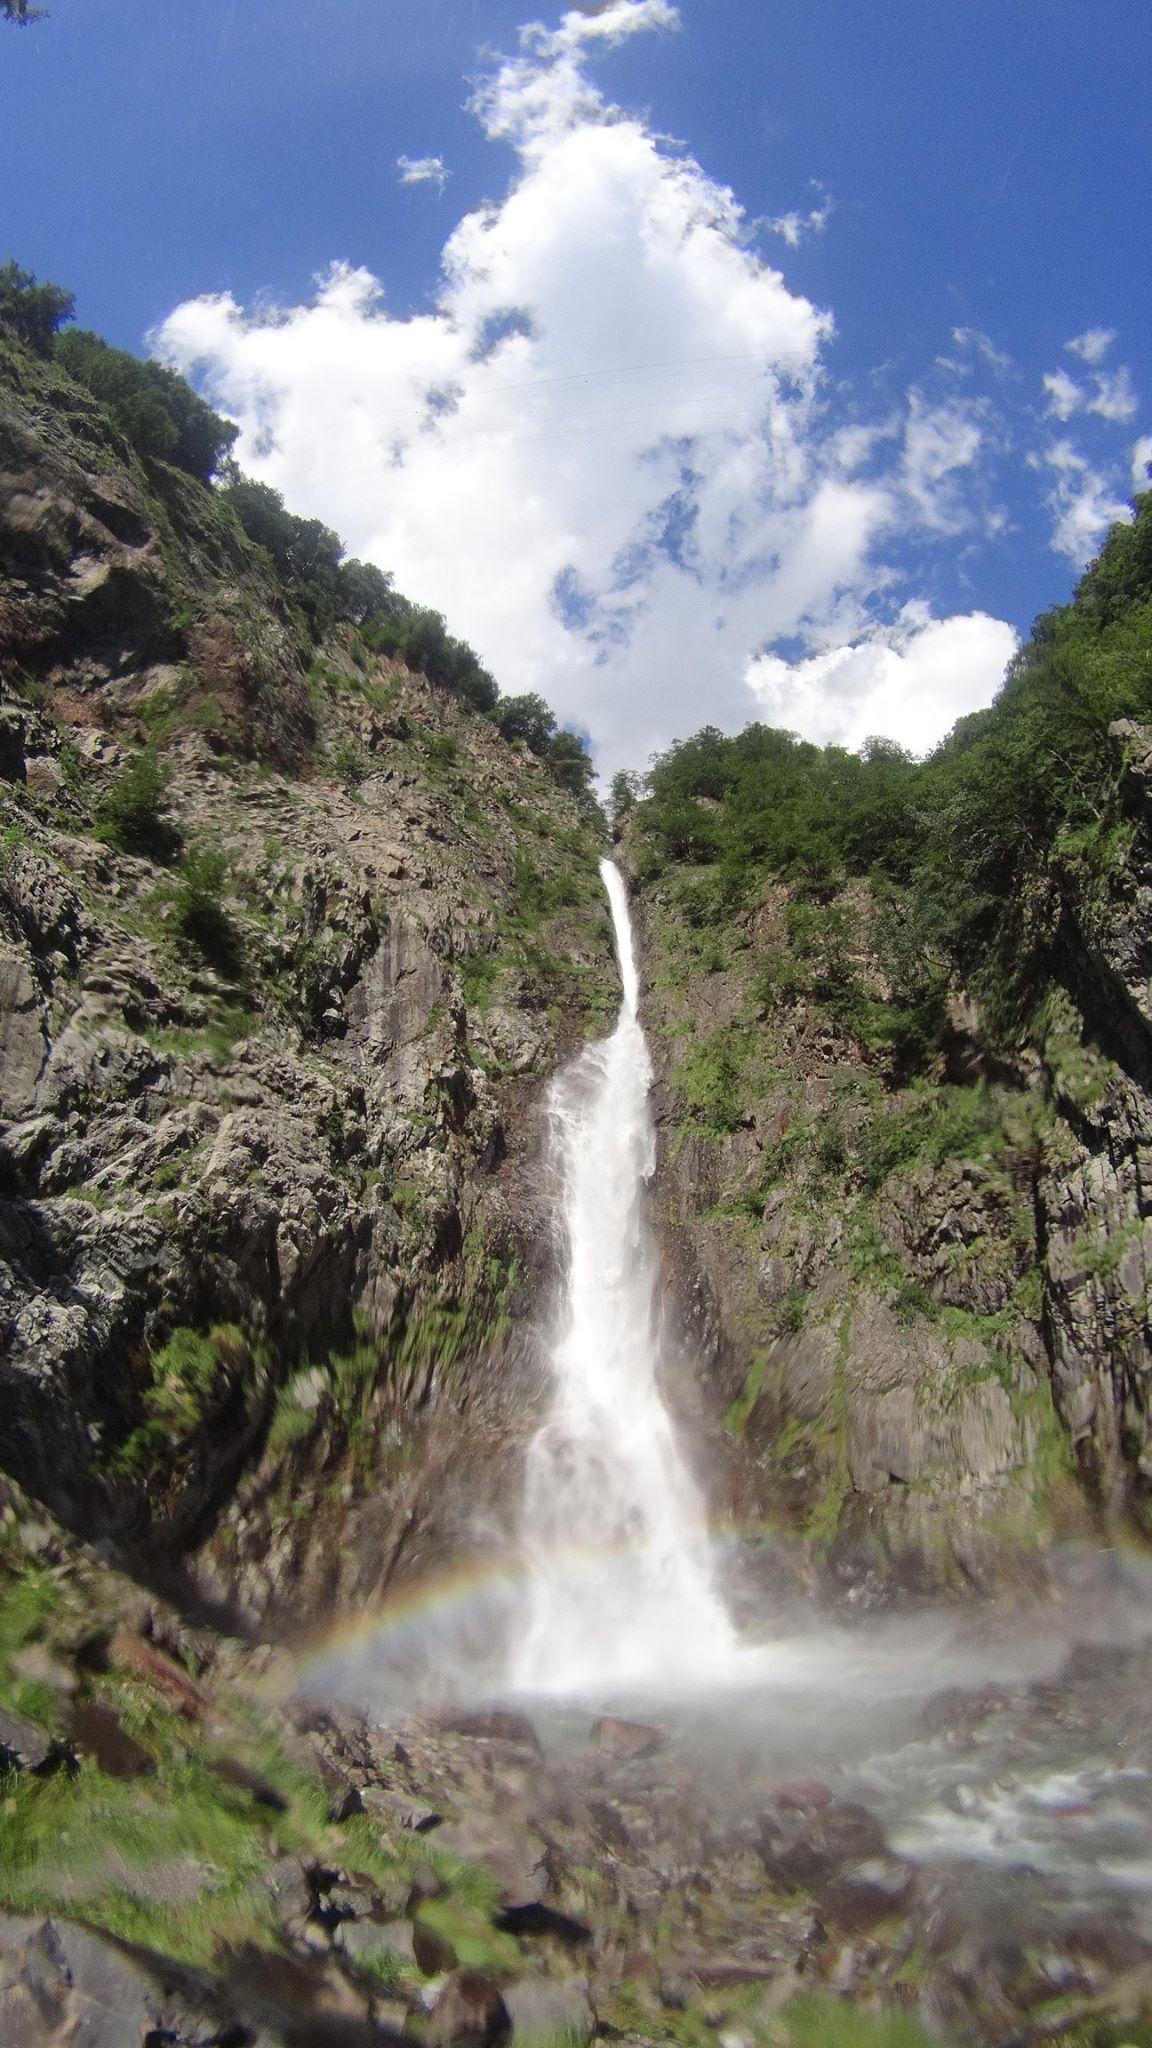 Troggia Waterfall